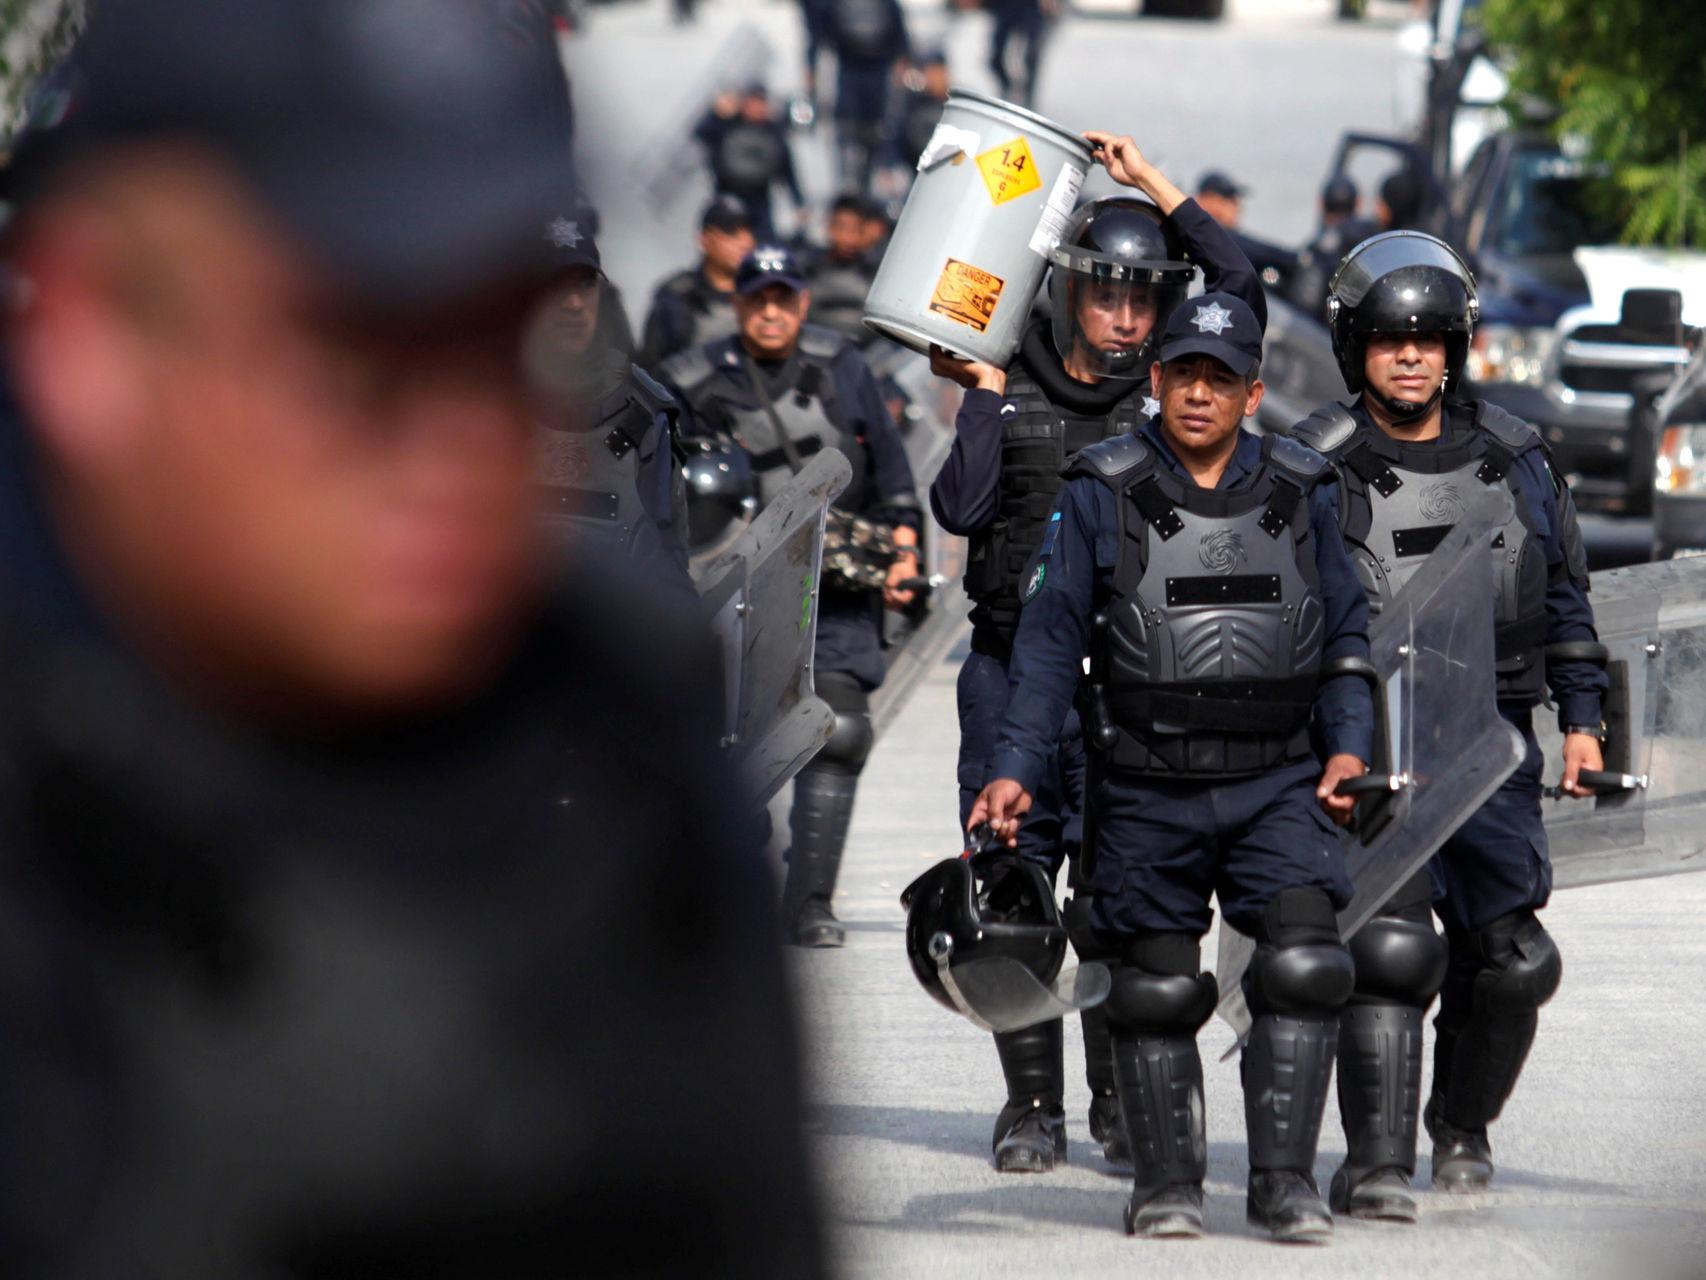 México: cómo la policía construye delincuentes